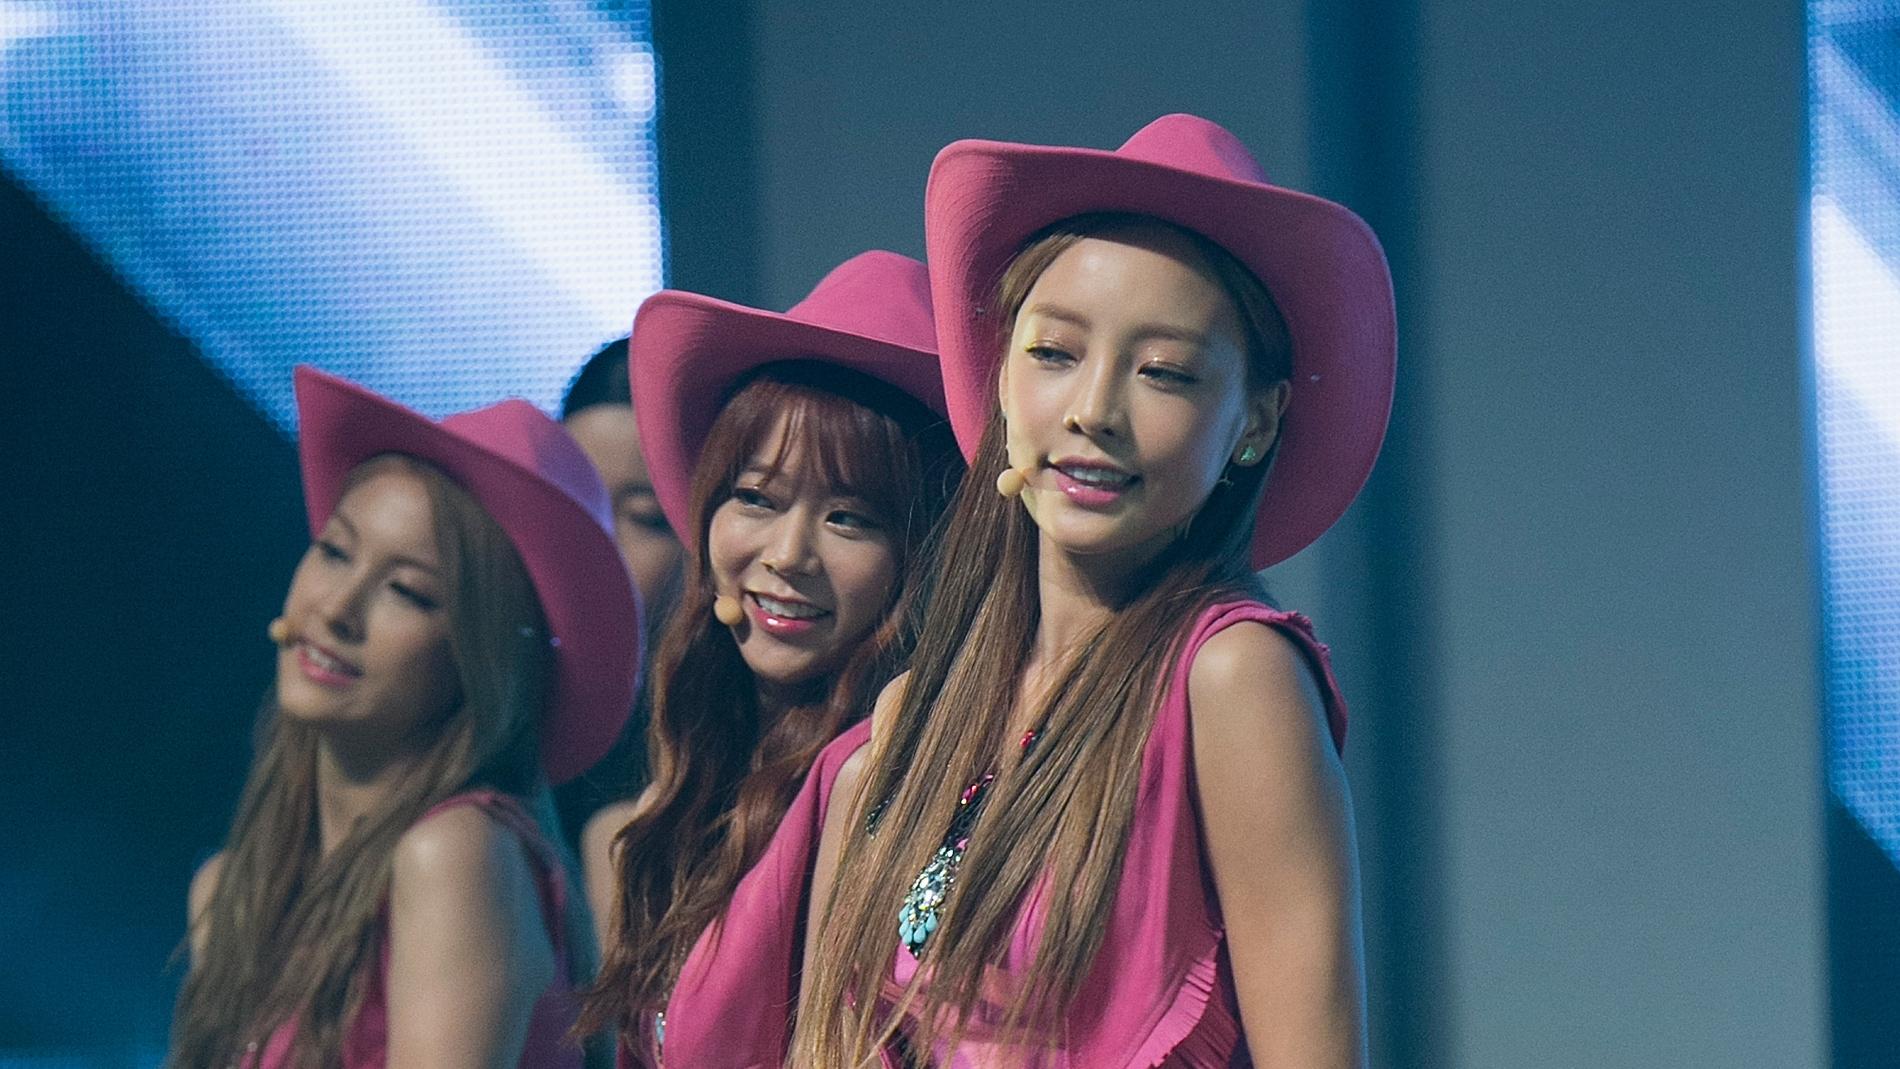 El grupo de K-pop Kara, con Hara en primer plano